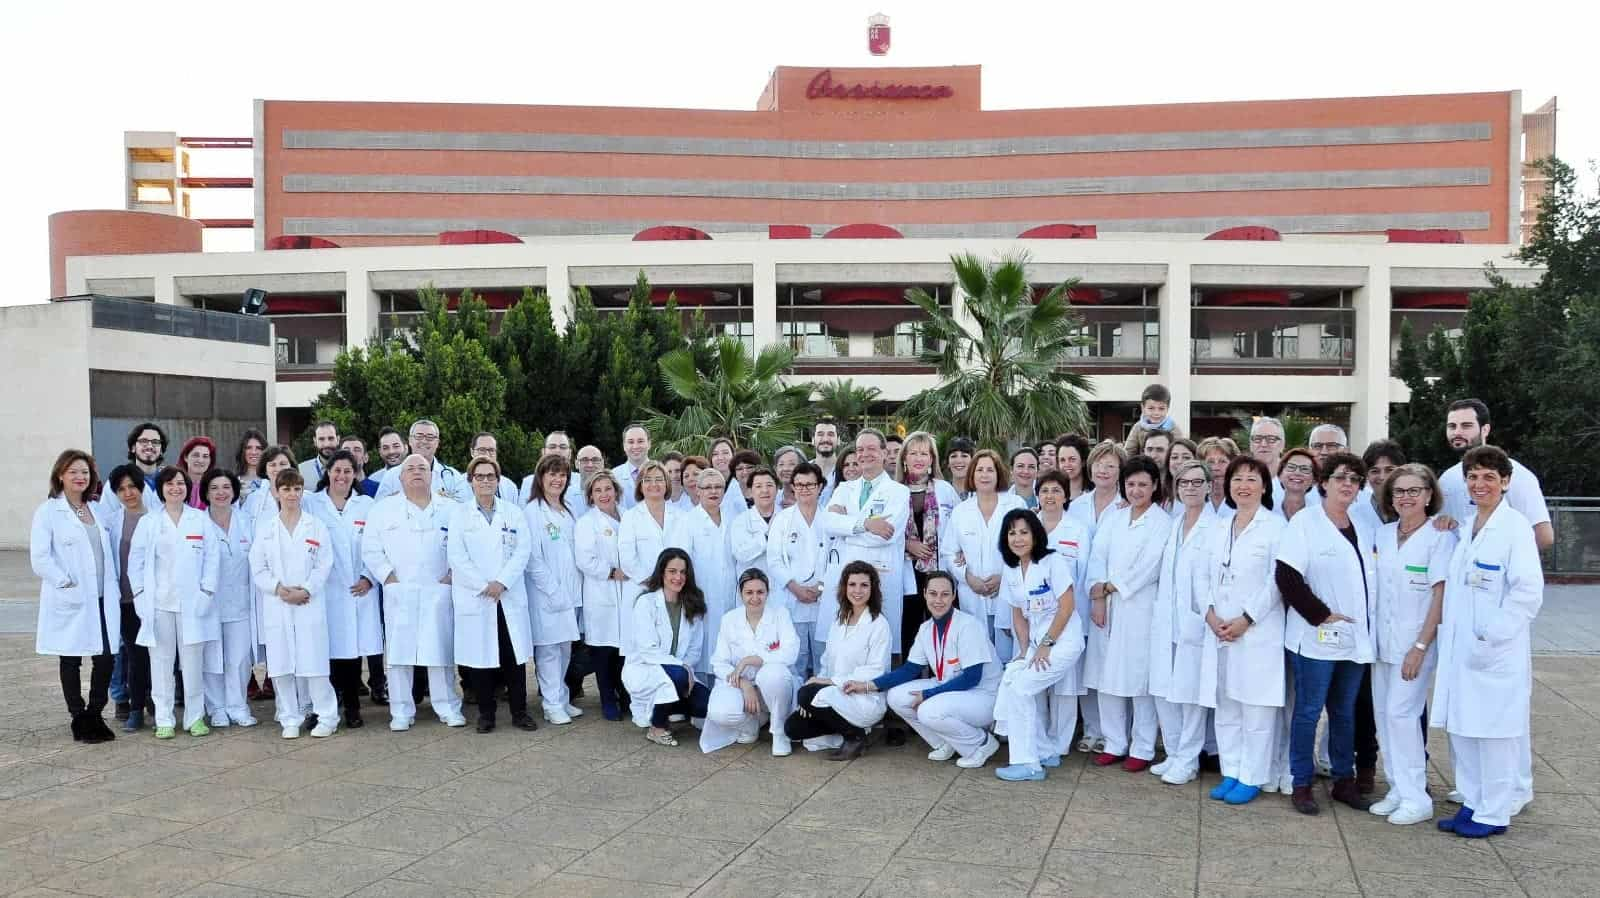 jose maria moraleda y equipo medico cientifico - Herencia aporta 5000 euros a la investigación del coronavirus liderada por el doctor José María Moraleda